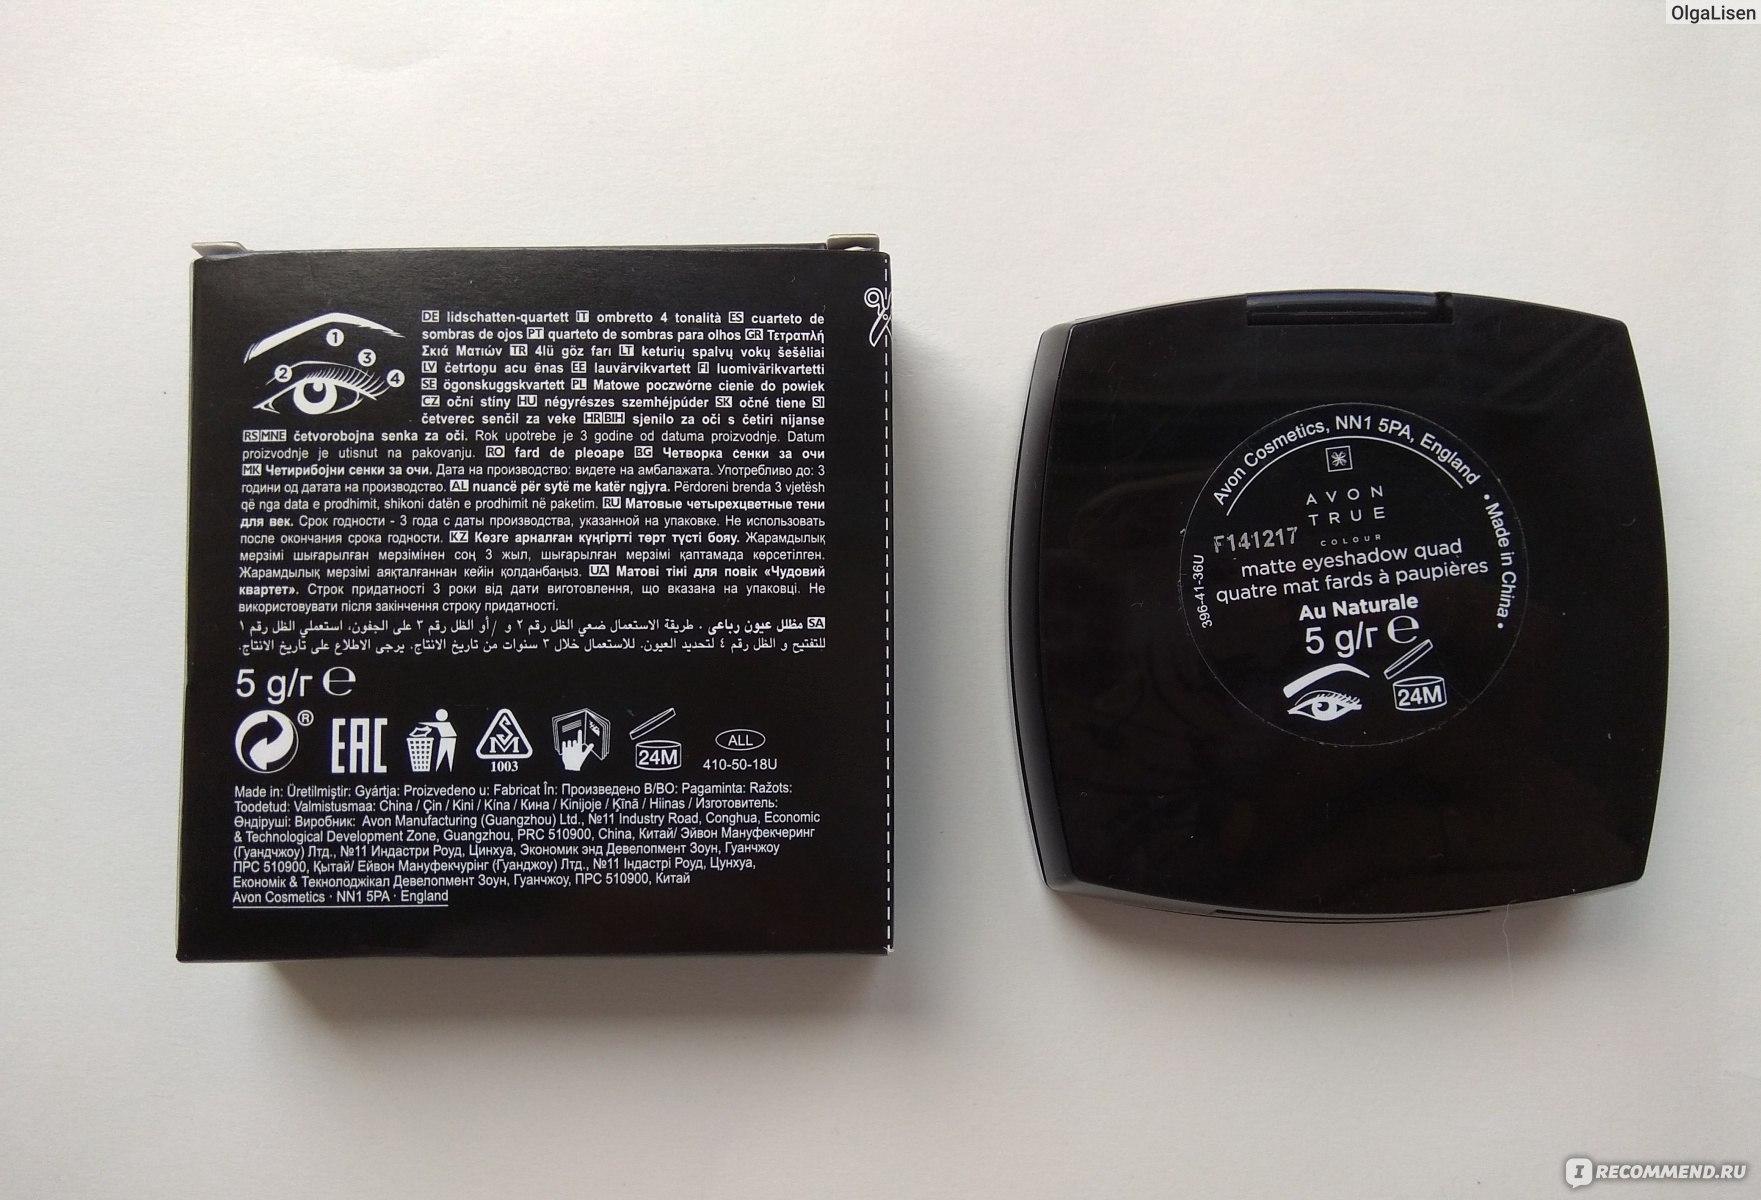 Nn1 5pa мужской парфюм эйвон отзывы